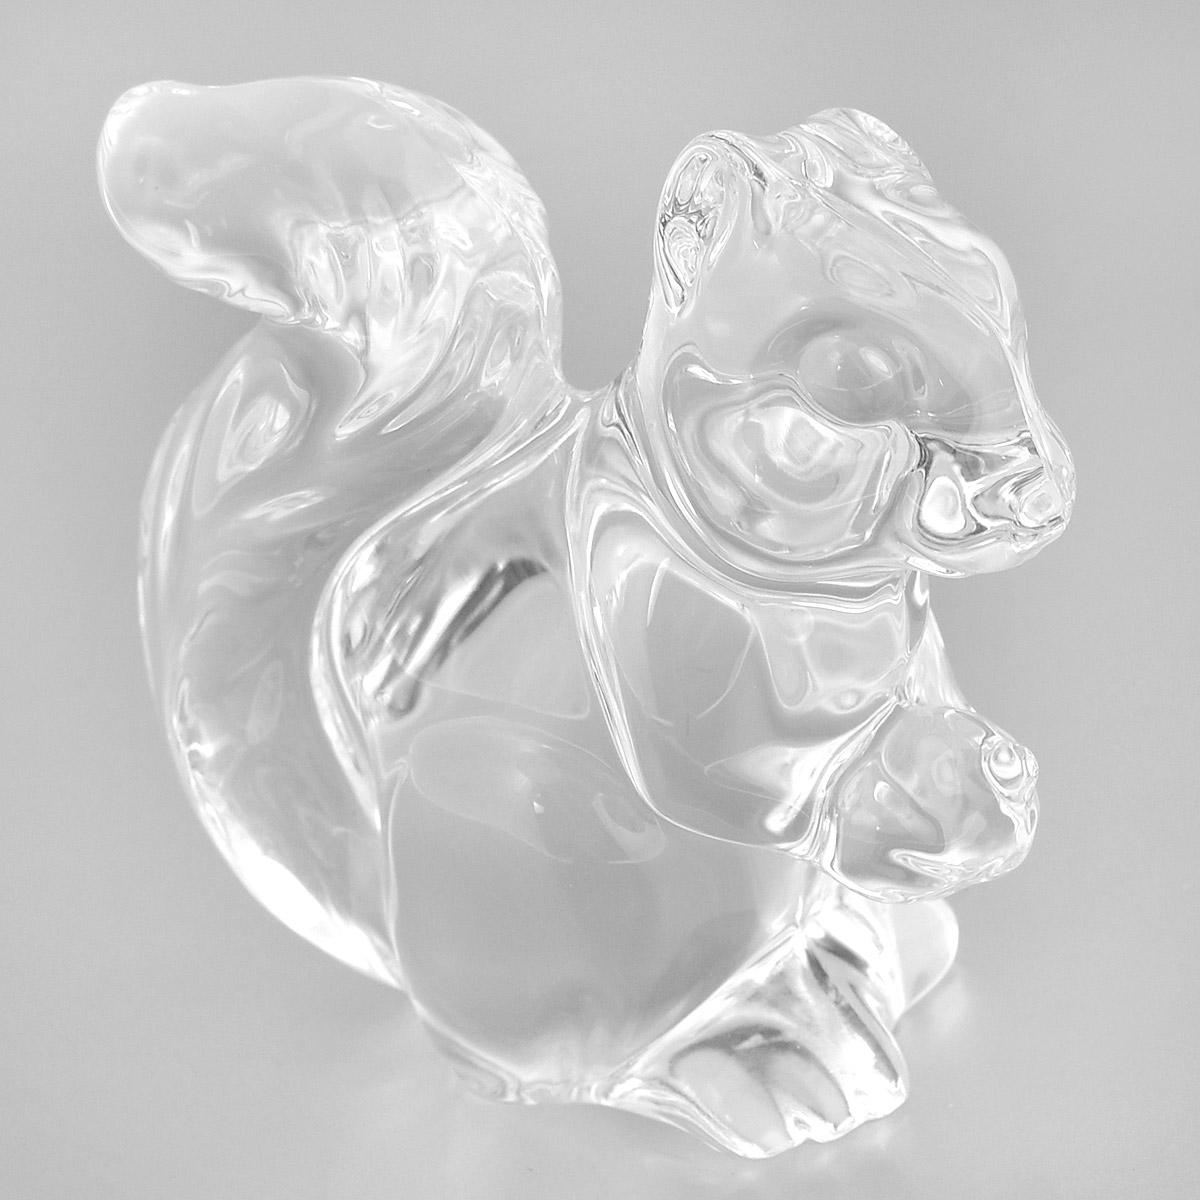 Фигурка декоративная Crystal Bohemia Белка, высота 8 см990/74815/0/58900/086-109Фигурка Crystal Bohemia Белка изготовлена из высококачественного хрусталя. Фигурка выполнена в виде белки и сочетает в себе изысканный дизайн и лаконичность. Она прекрасно подойдет для декора интерьера дома или офиса и станет достойным дополнением к вашей коллекции. Вы можете поставить фигурку в любом месте, где она будет удачно смотреться и радовать глаз. Кроме того - это отличный вариант подарка для ваших близких и друзей. Высота: 8 см.